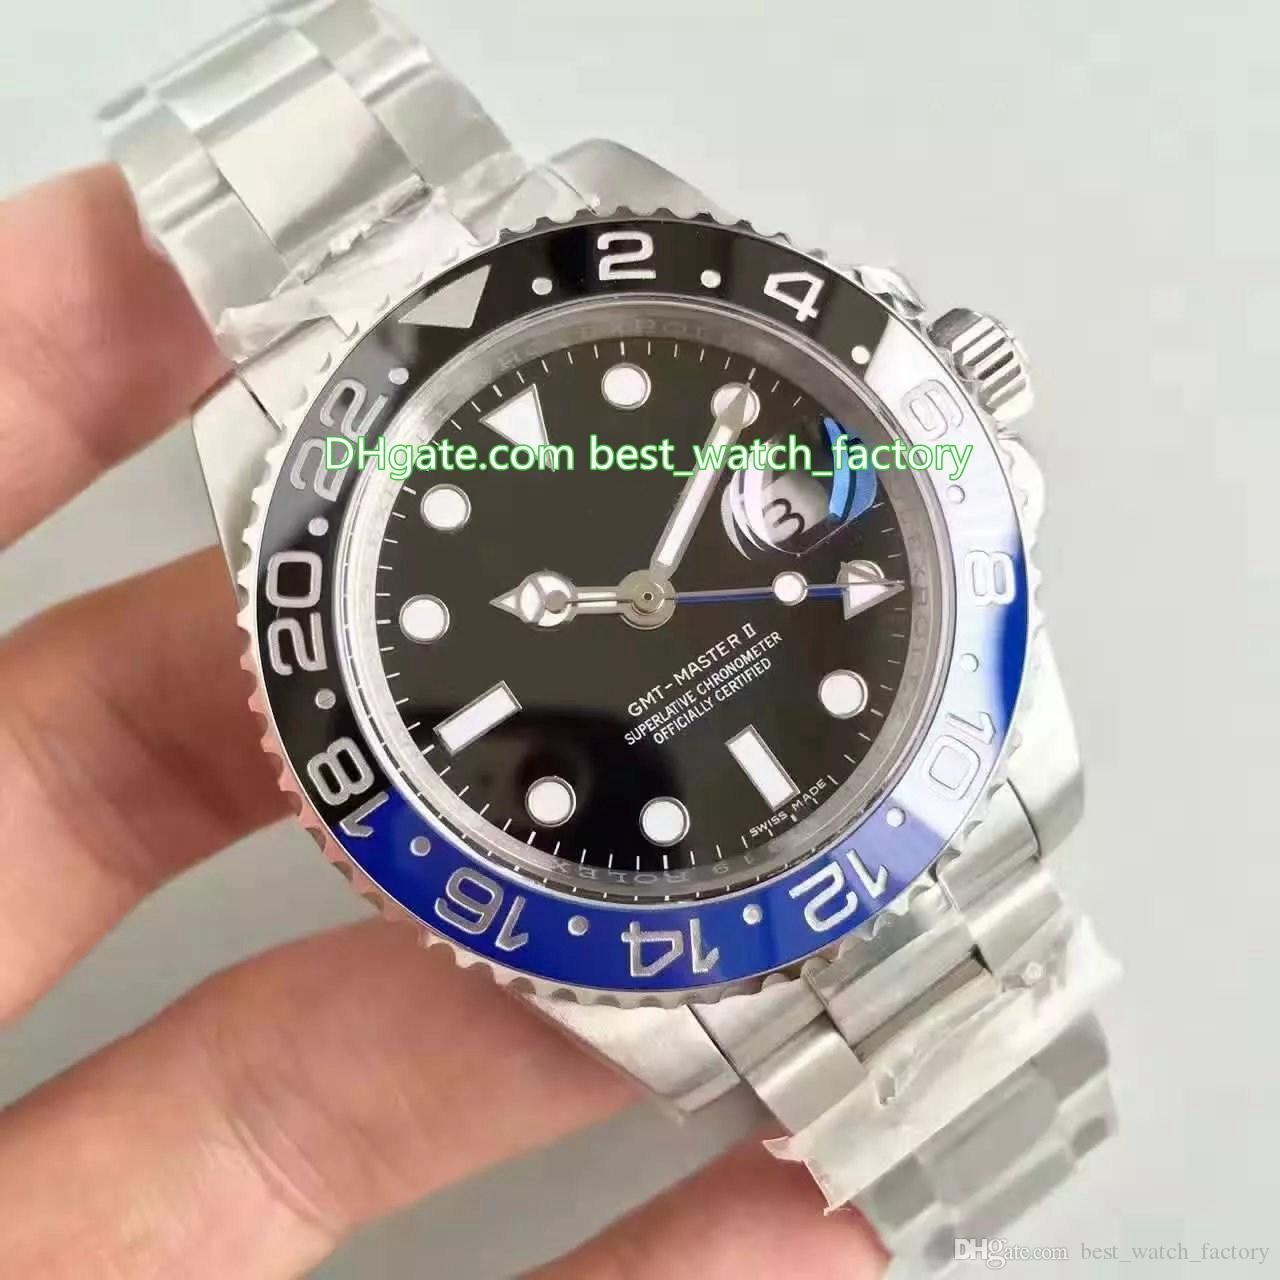 2 Farbe Topseller Beste Qualität N V8 40mm GMT Batman 116710 116710LN 116710Blnr Keramik Schweizer CAL.3186 Bewegung Automatische Herrenuhr Uhren